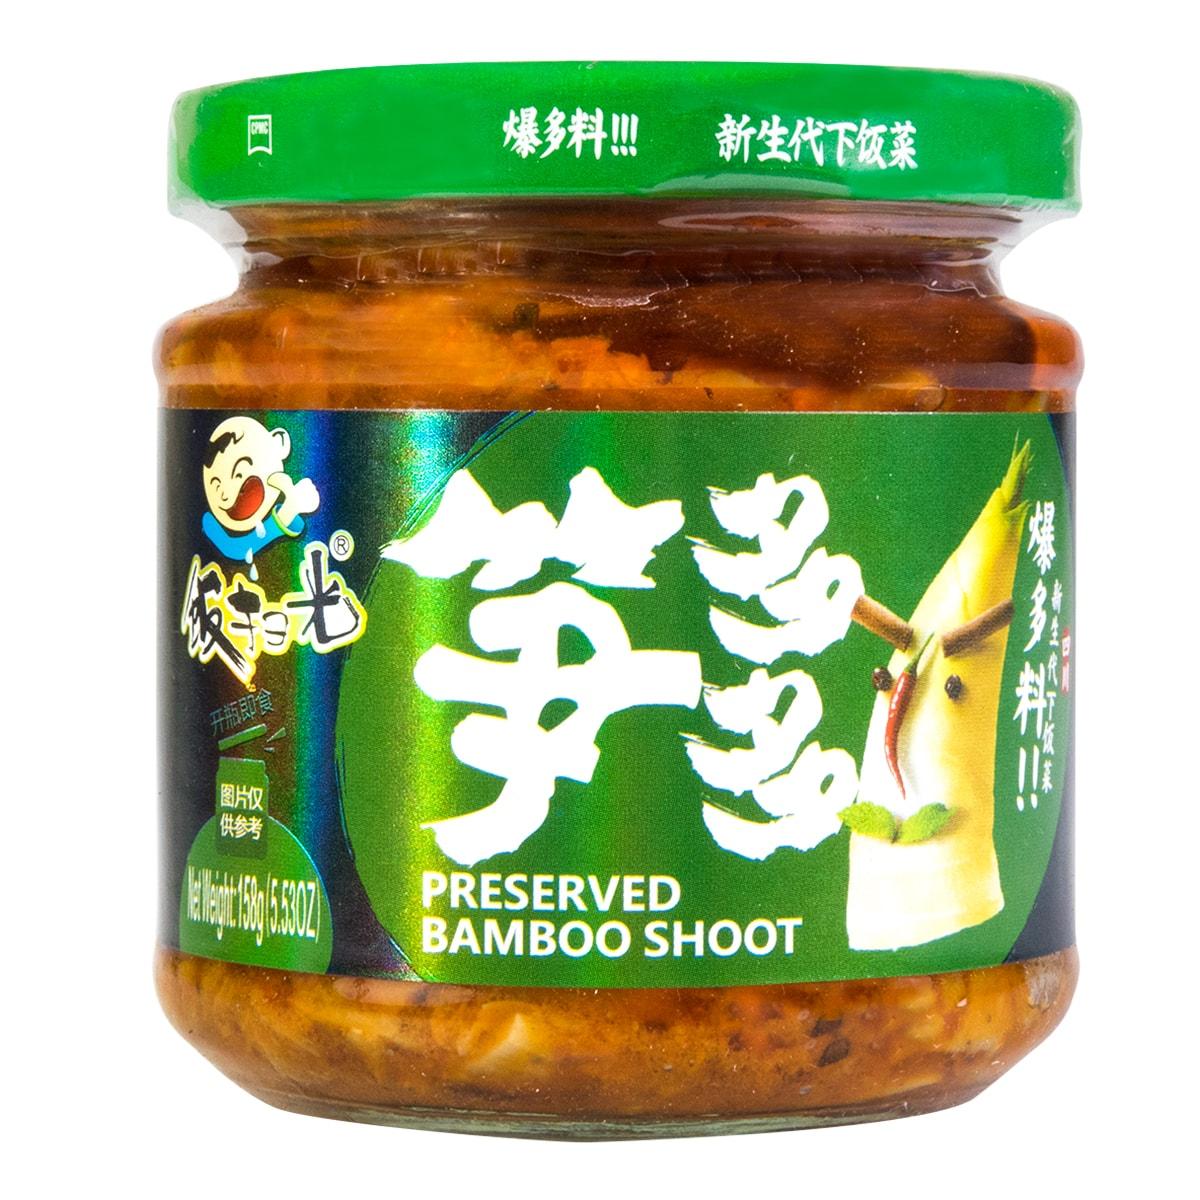 饭扫光 爆炒笋片 笋多多 158g